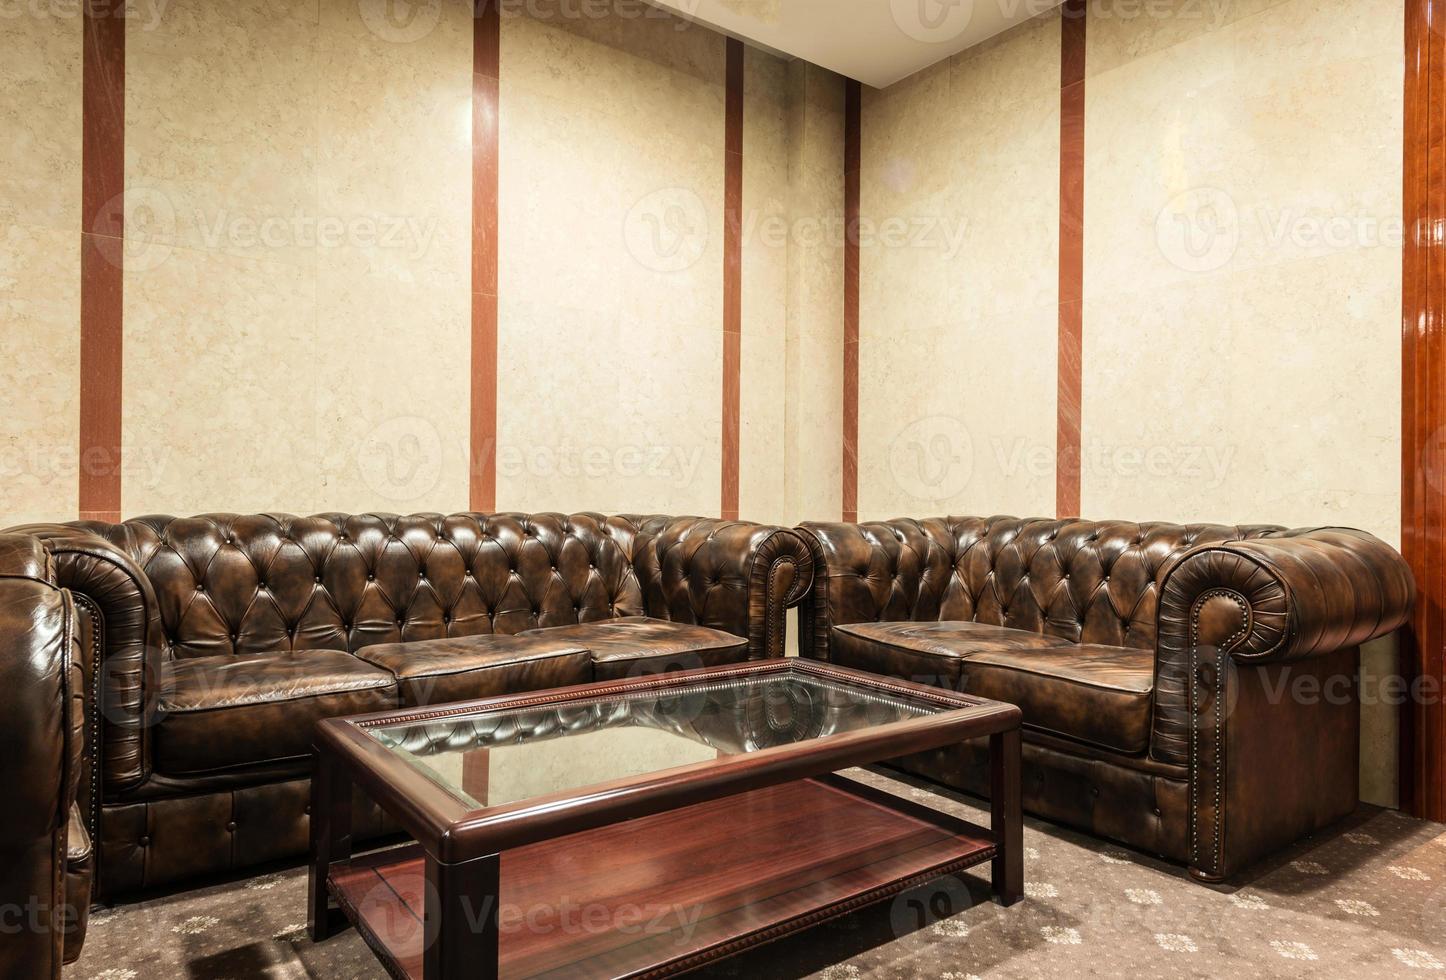 lobby de lujo en el hotel foto